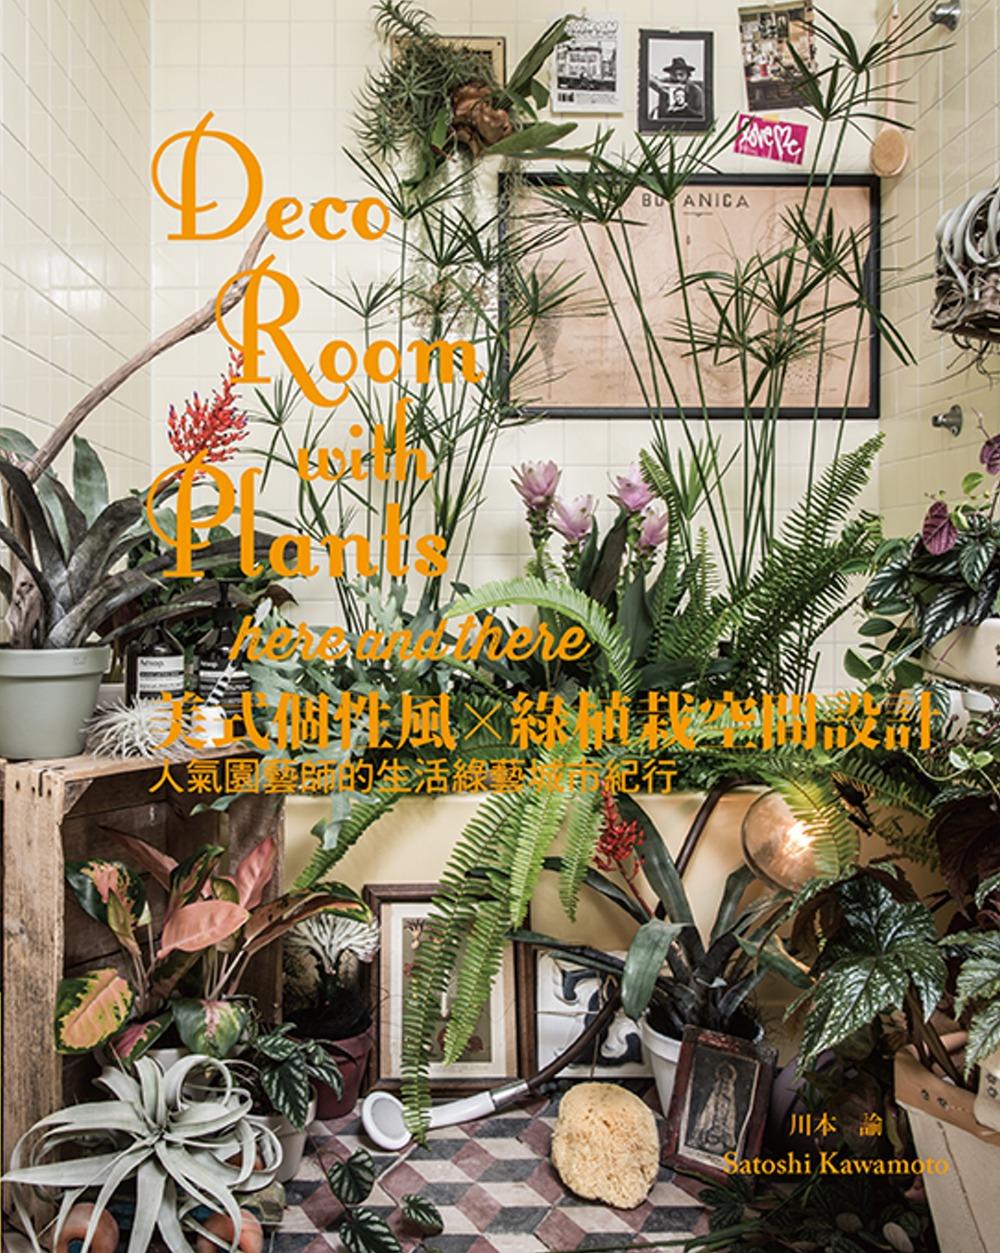 美式個性風×綠植栽空間設計:人氣園藝師的生活綠藝城市紀行